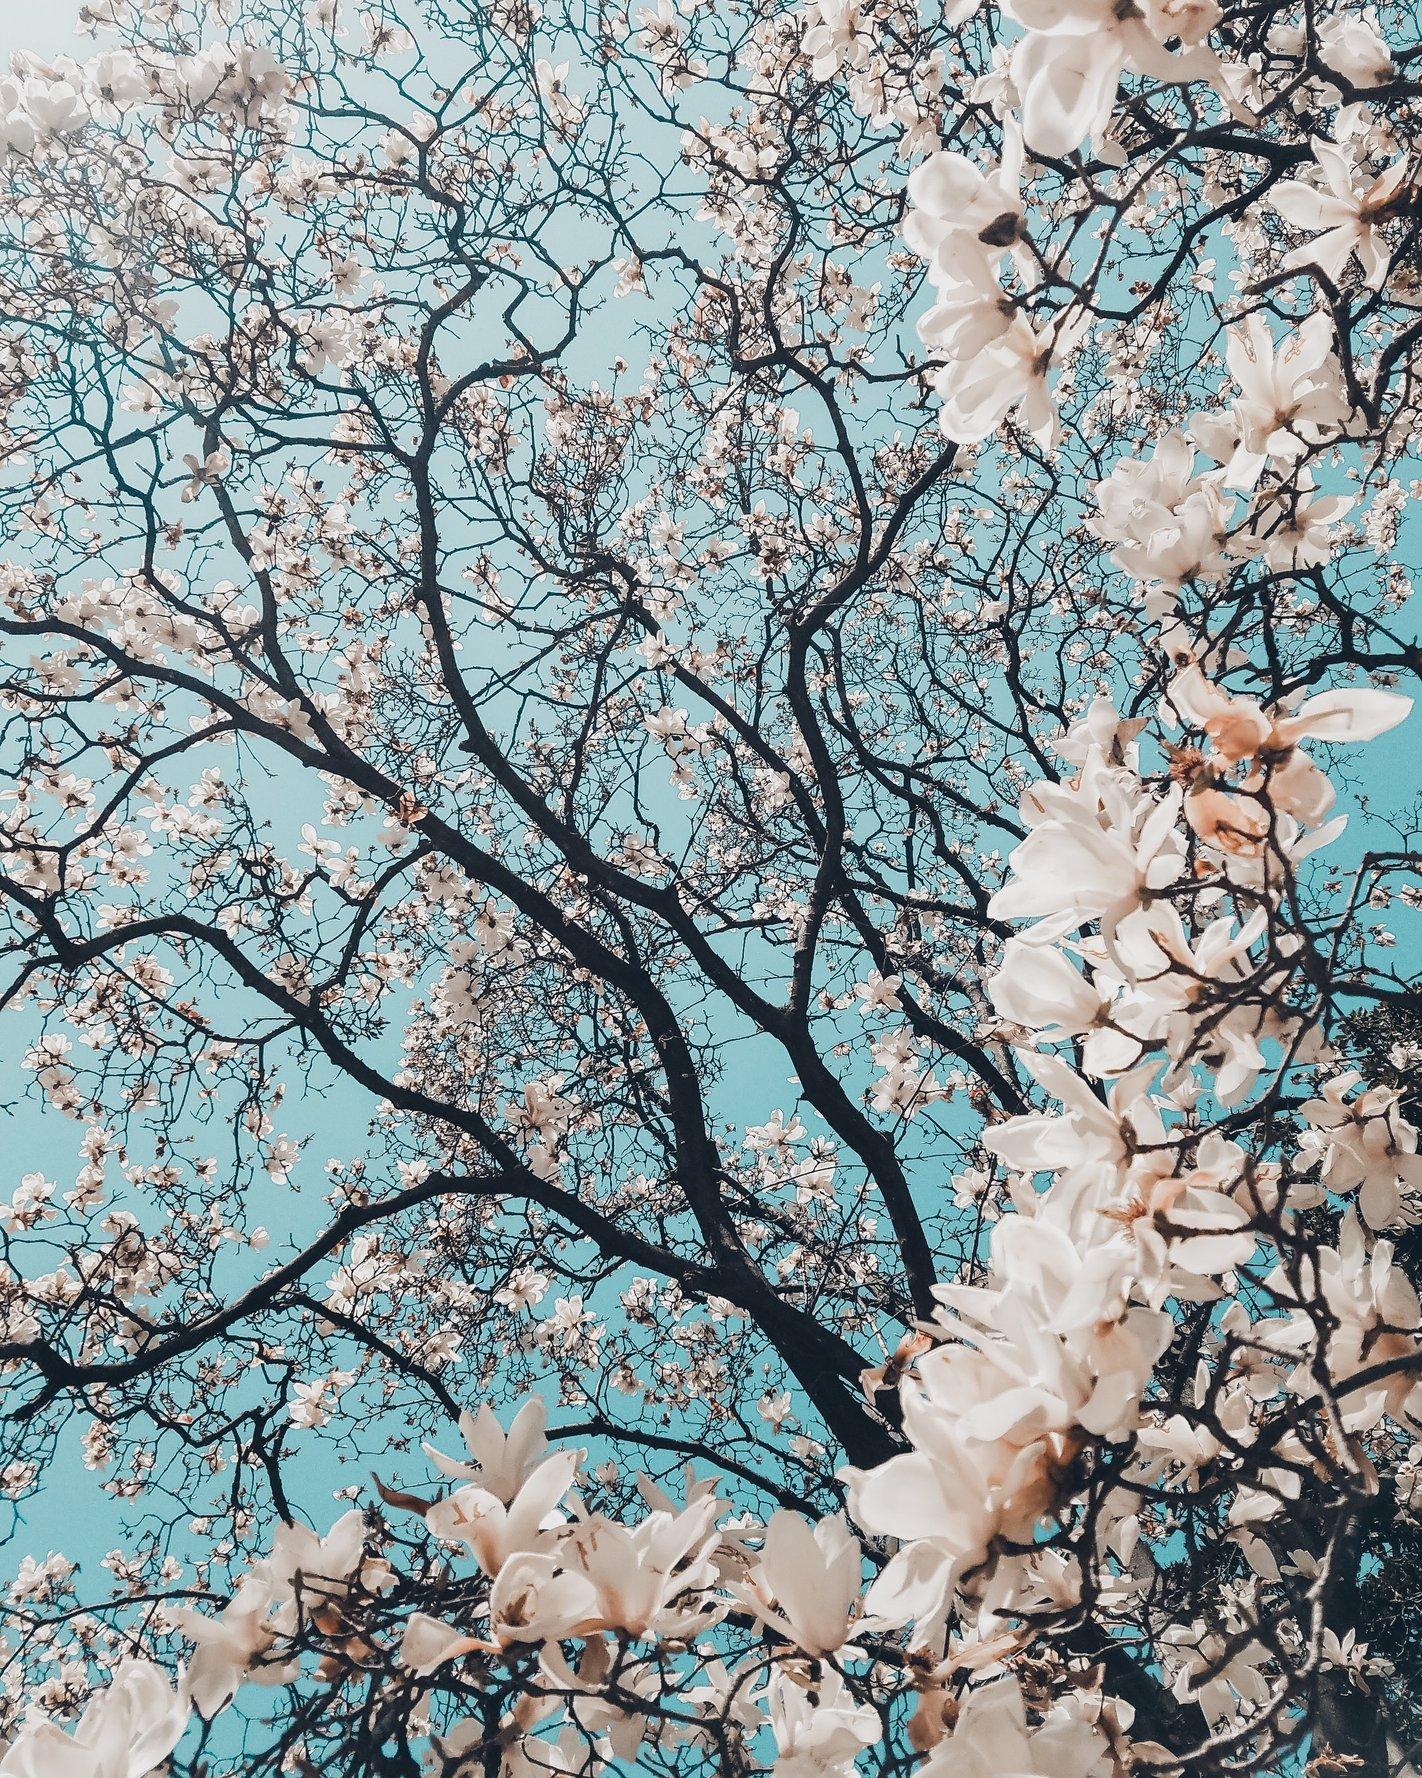 hoa anh đào dưới góc nhìn của người thông minh và nhạy cảm